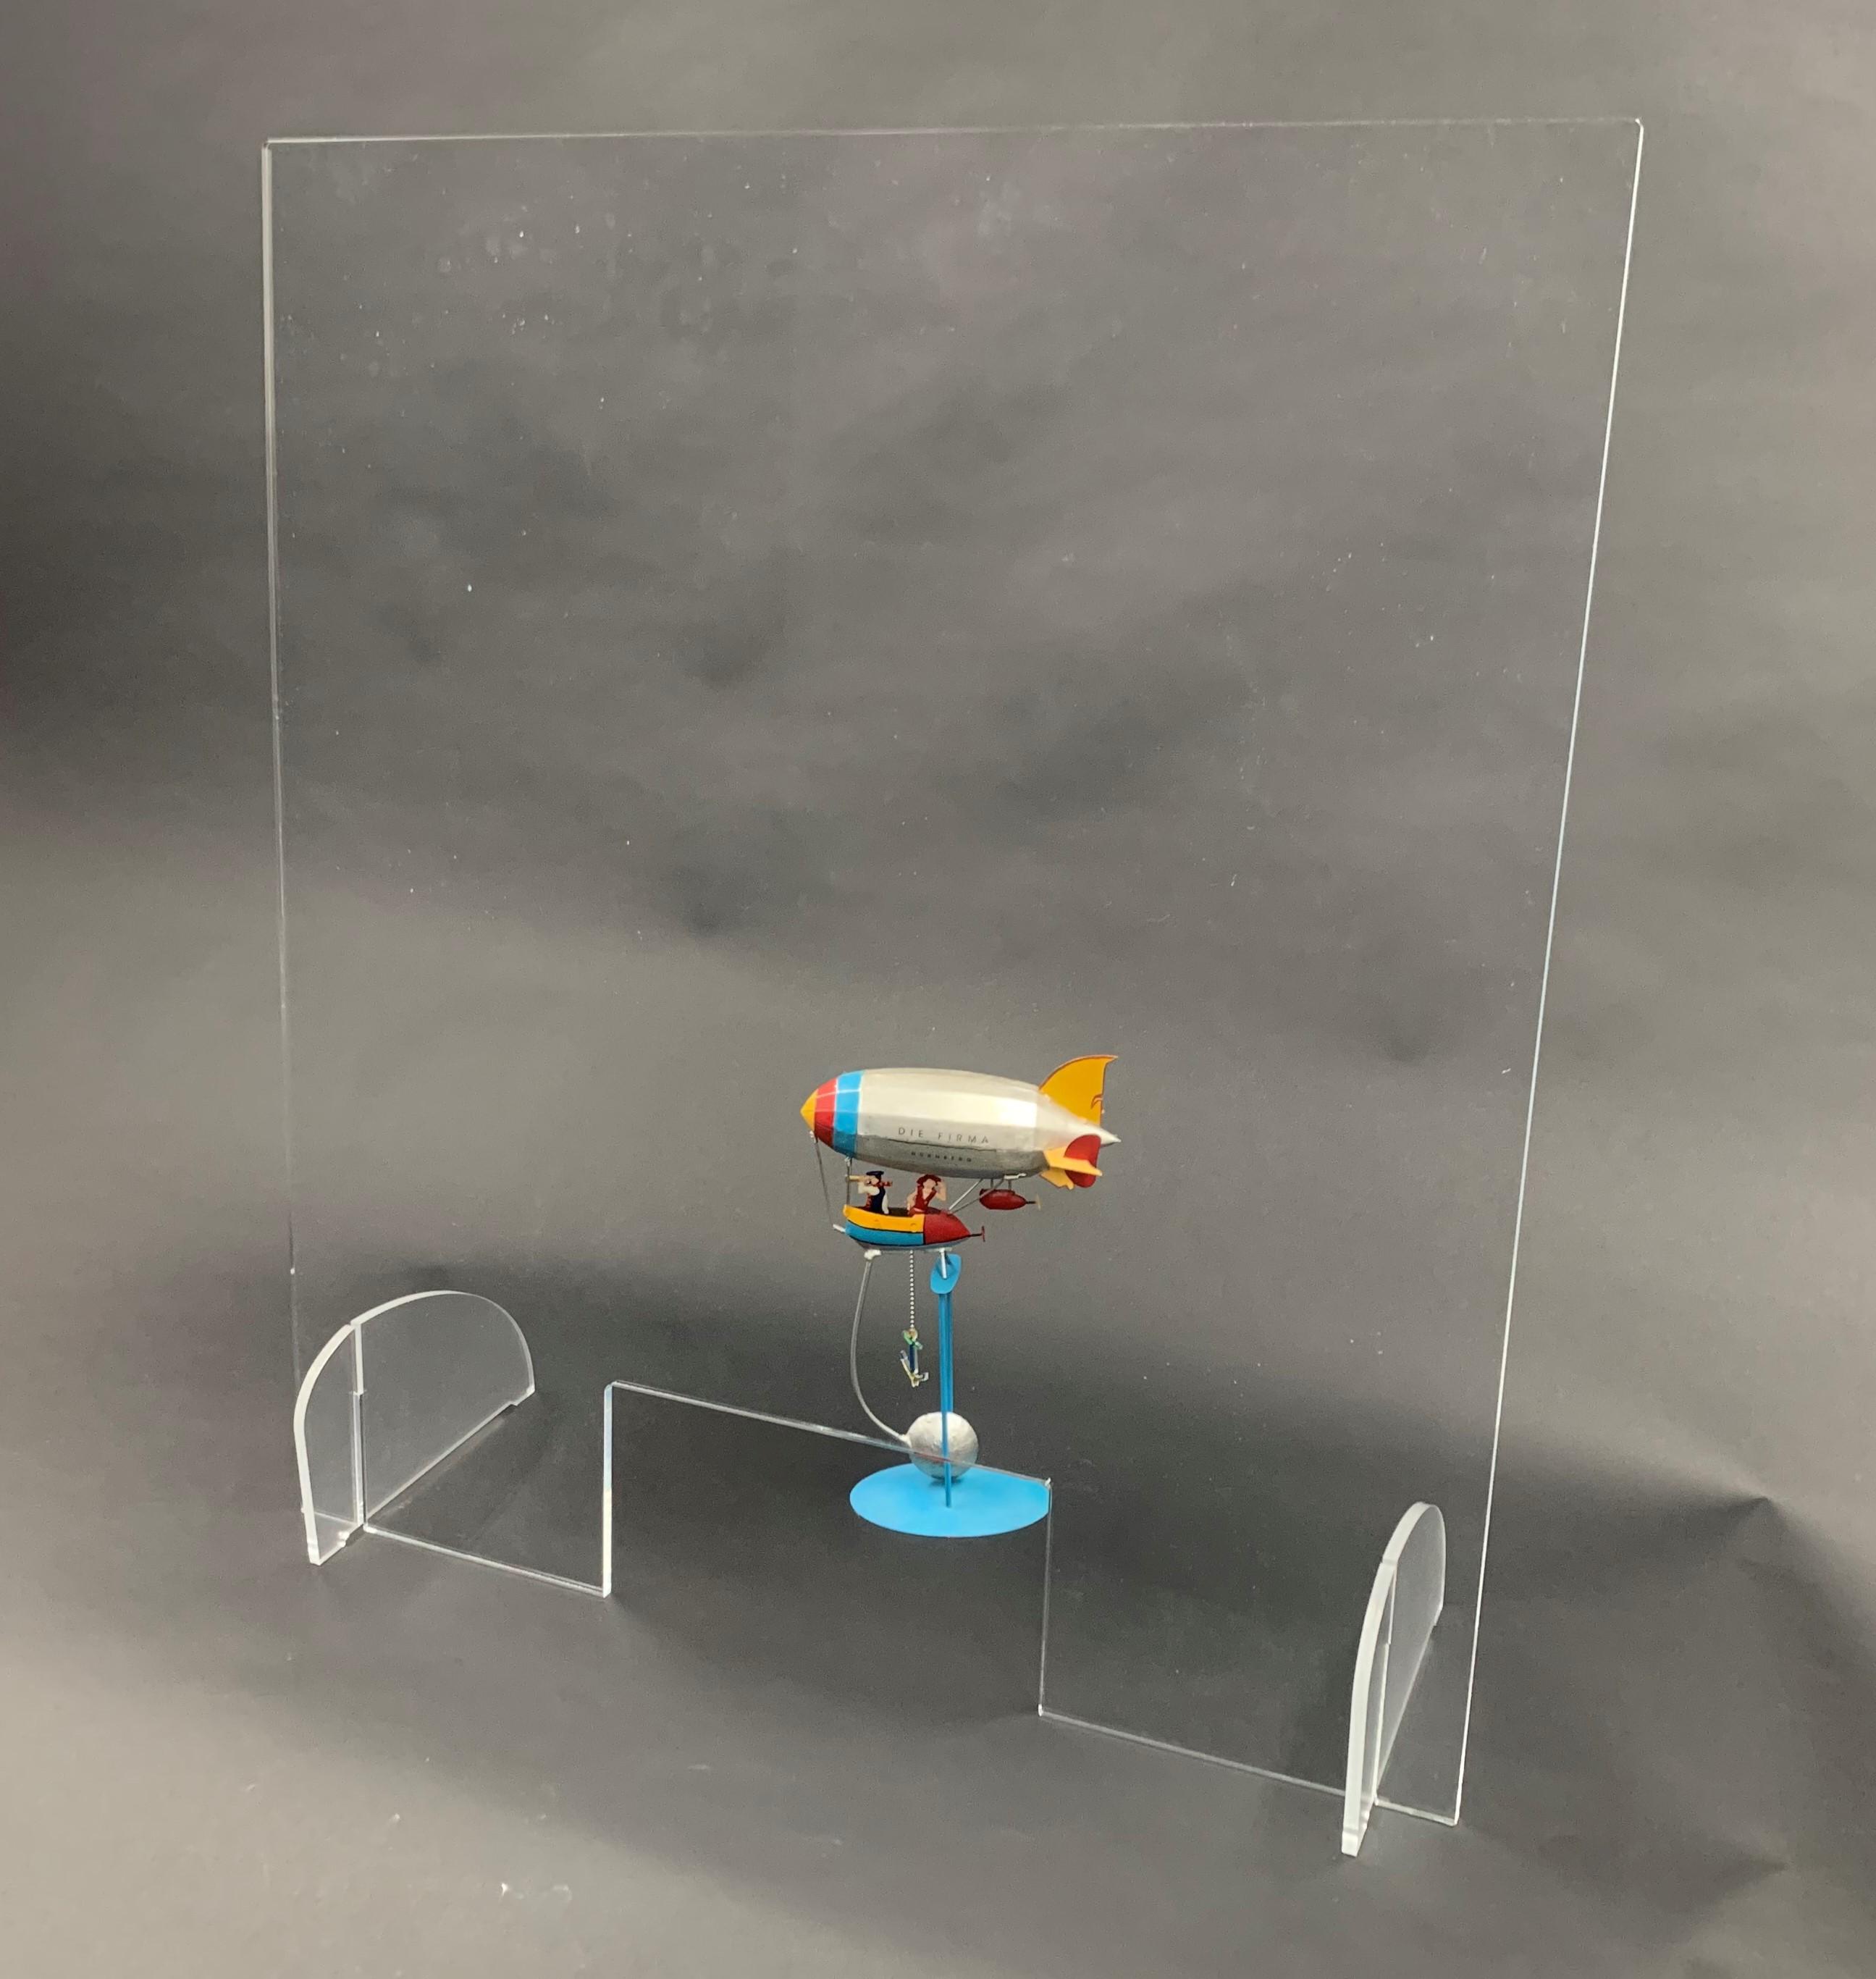 Schutzscheibe 800x900mm (bxh) Aufsteller steckbar (Werkzeuglose Montage), inkl. Durchreiche 300x150mm (bxh)